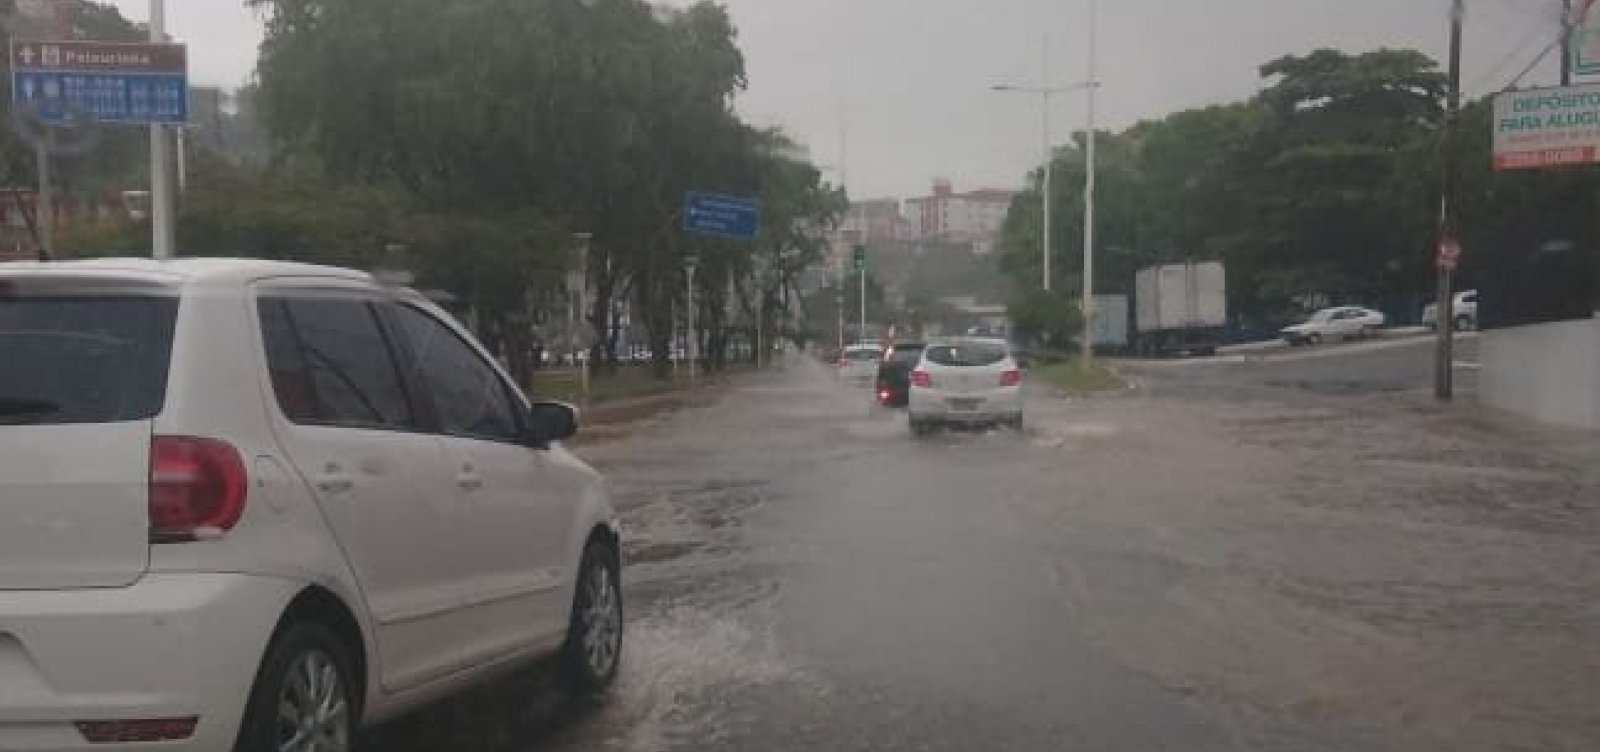 Codesal alerta para risco de alagamentos e deslizamentos devido à chuva